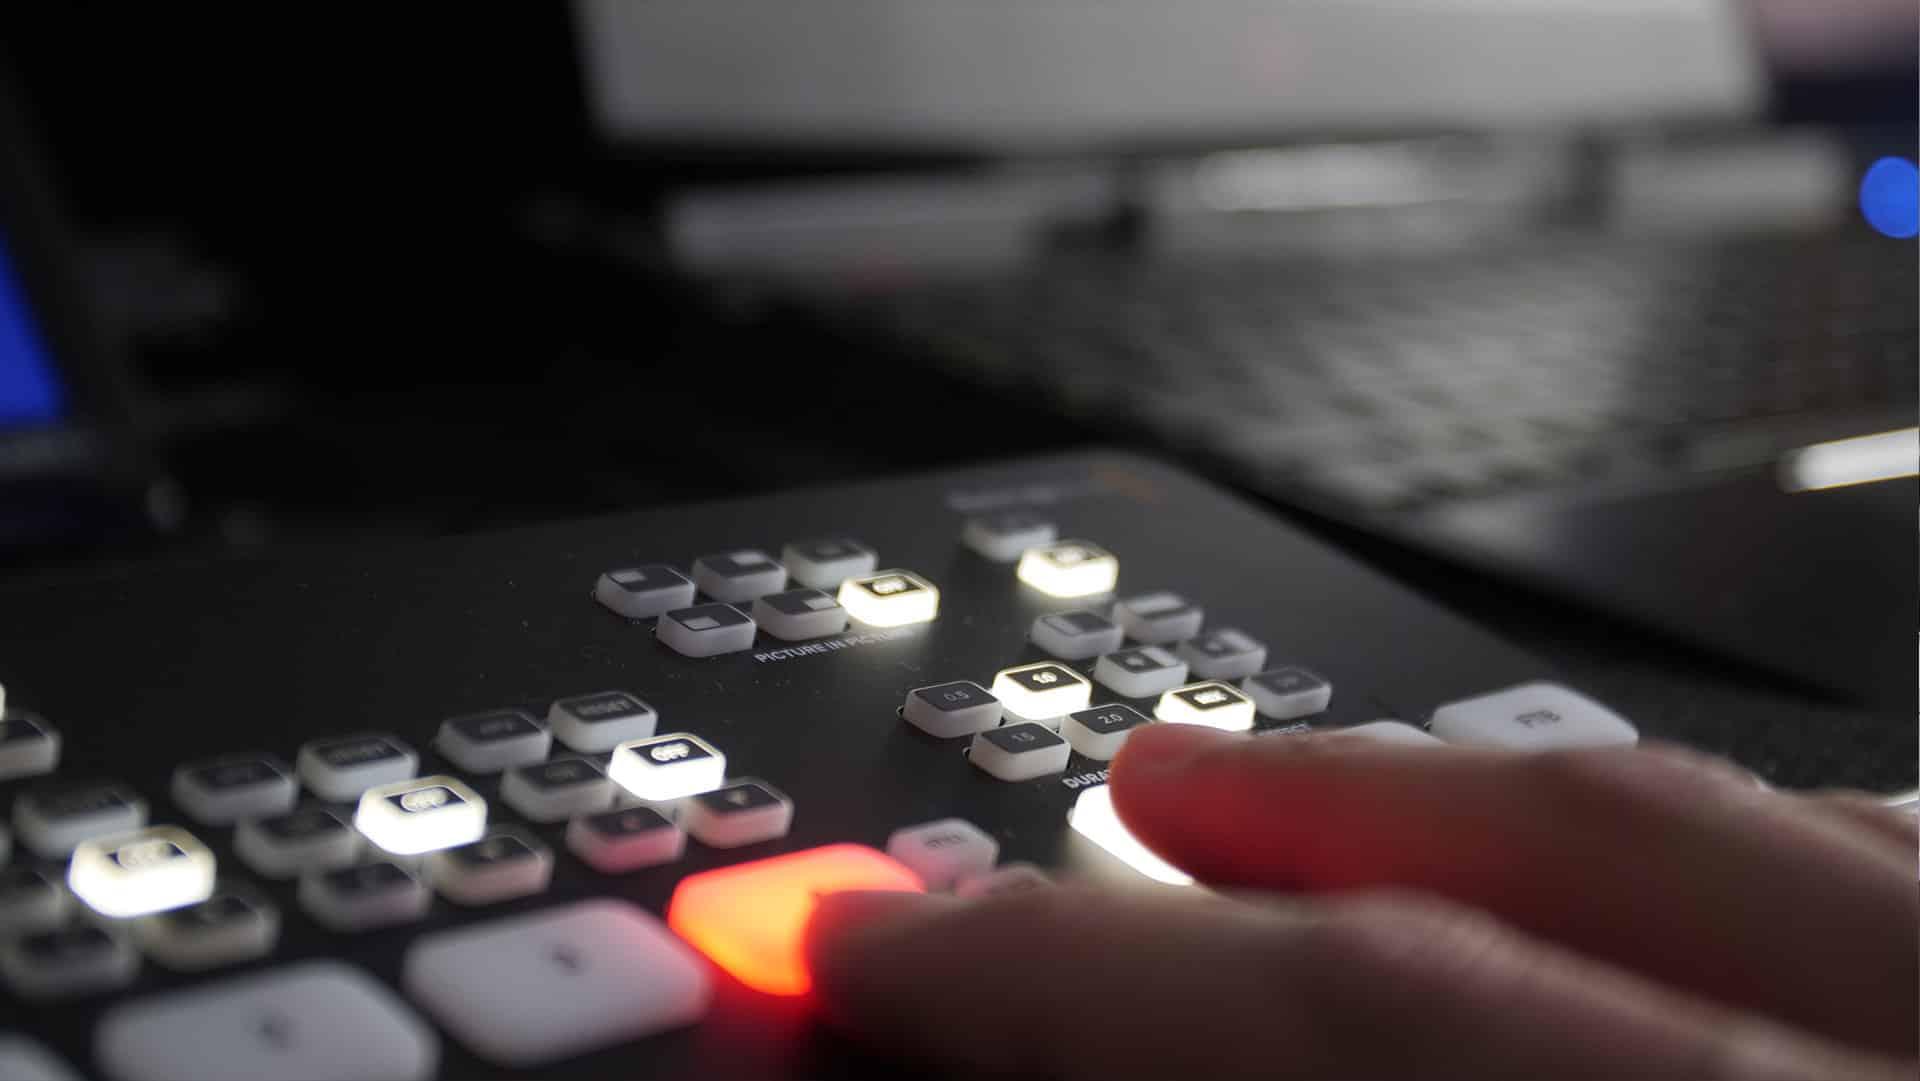 vídeo streaming presupuesto económico Madrid José Villaescusa Producciones mesa de vídeo